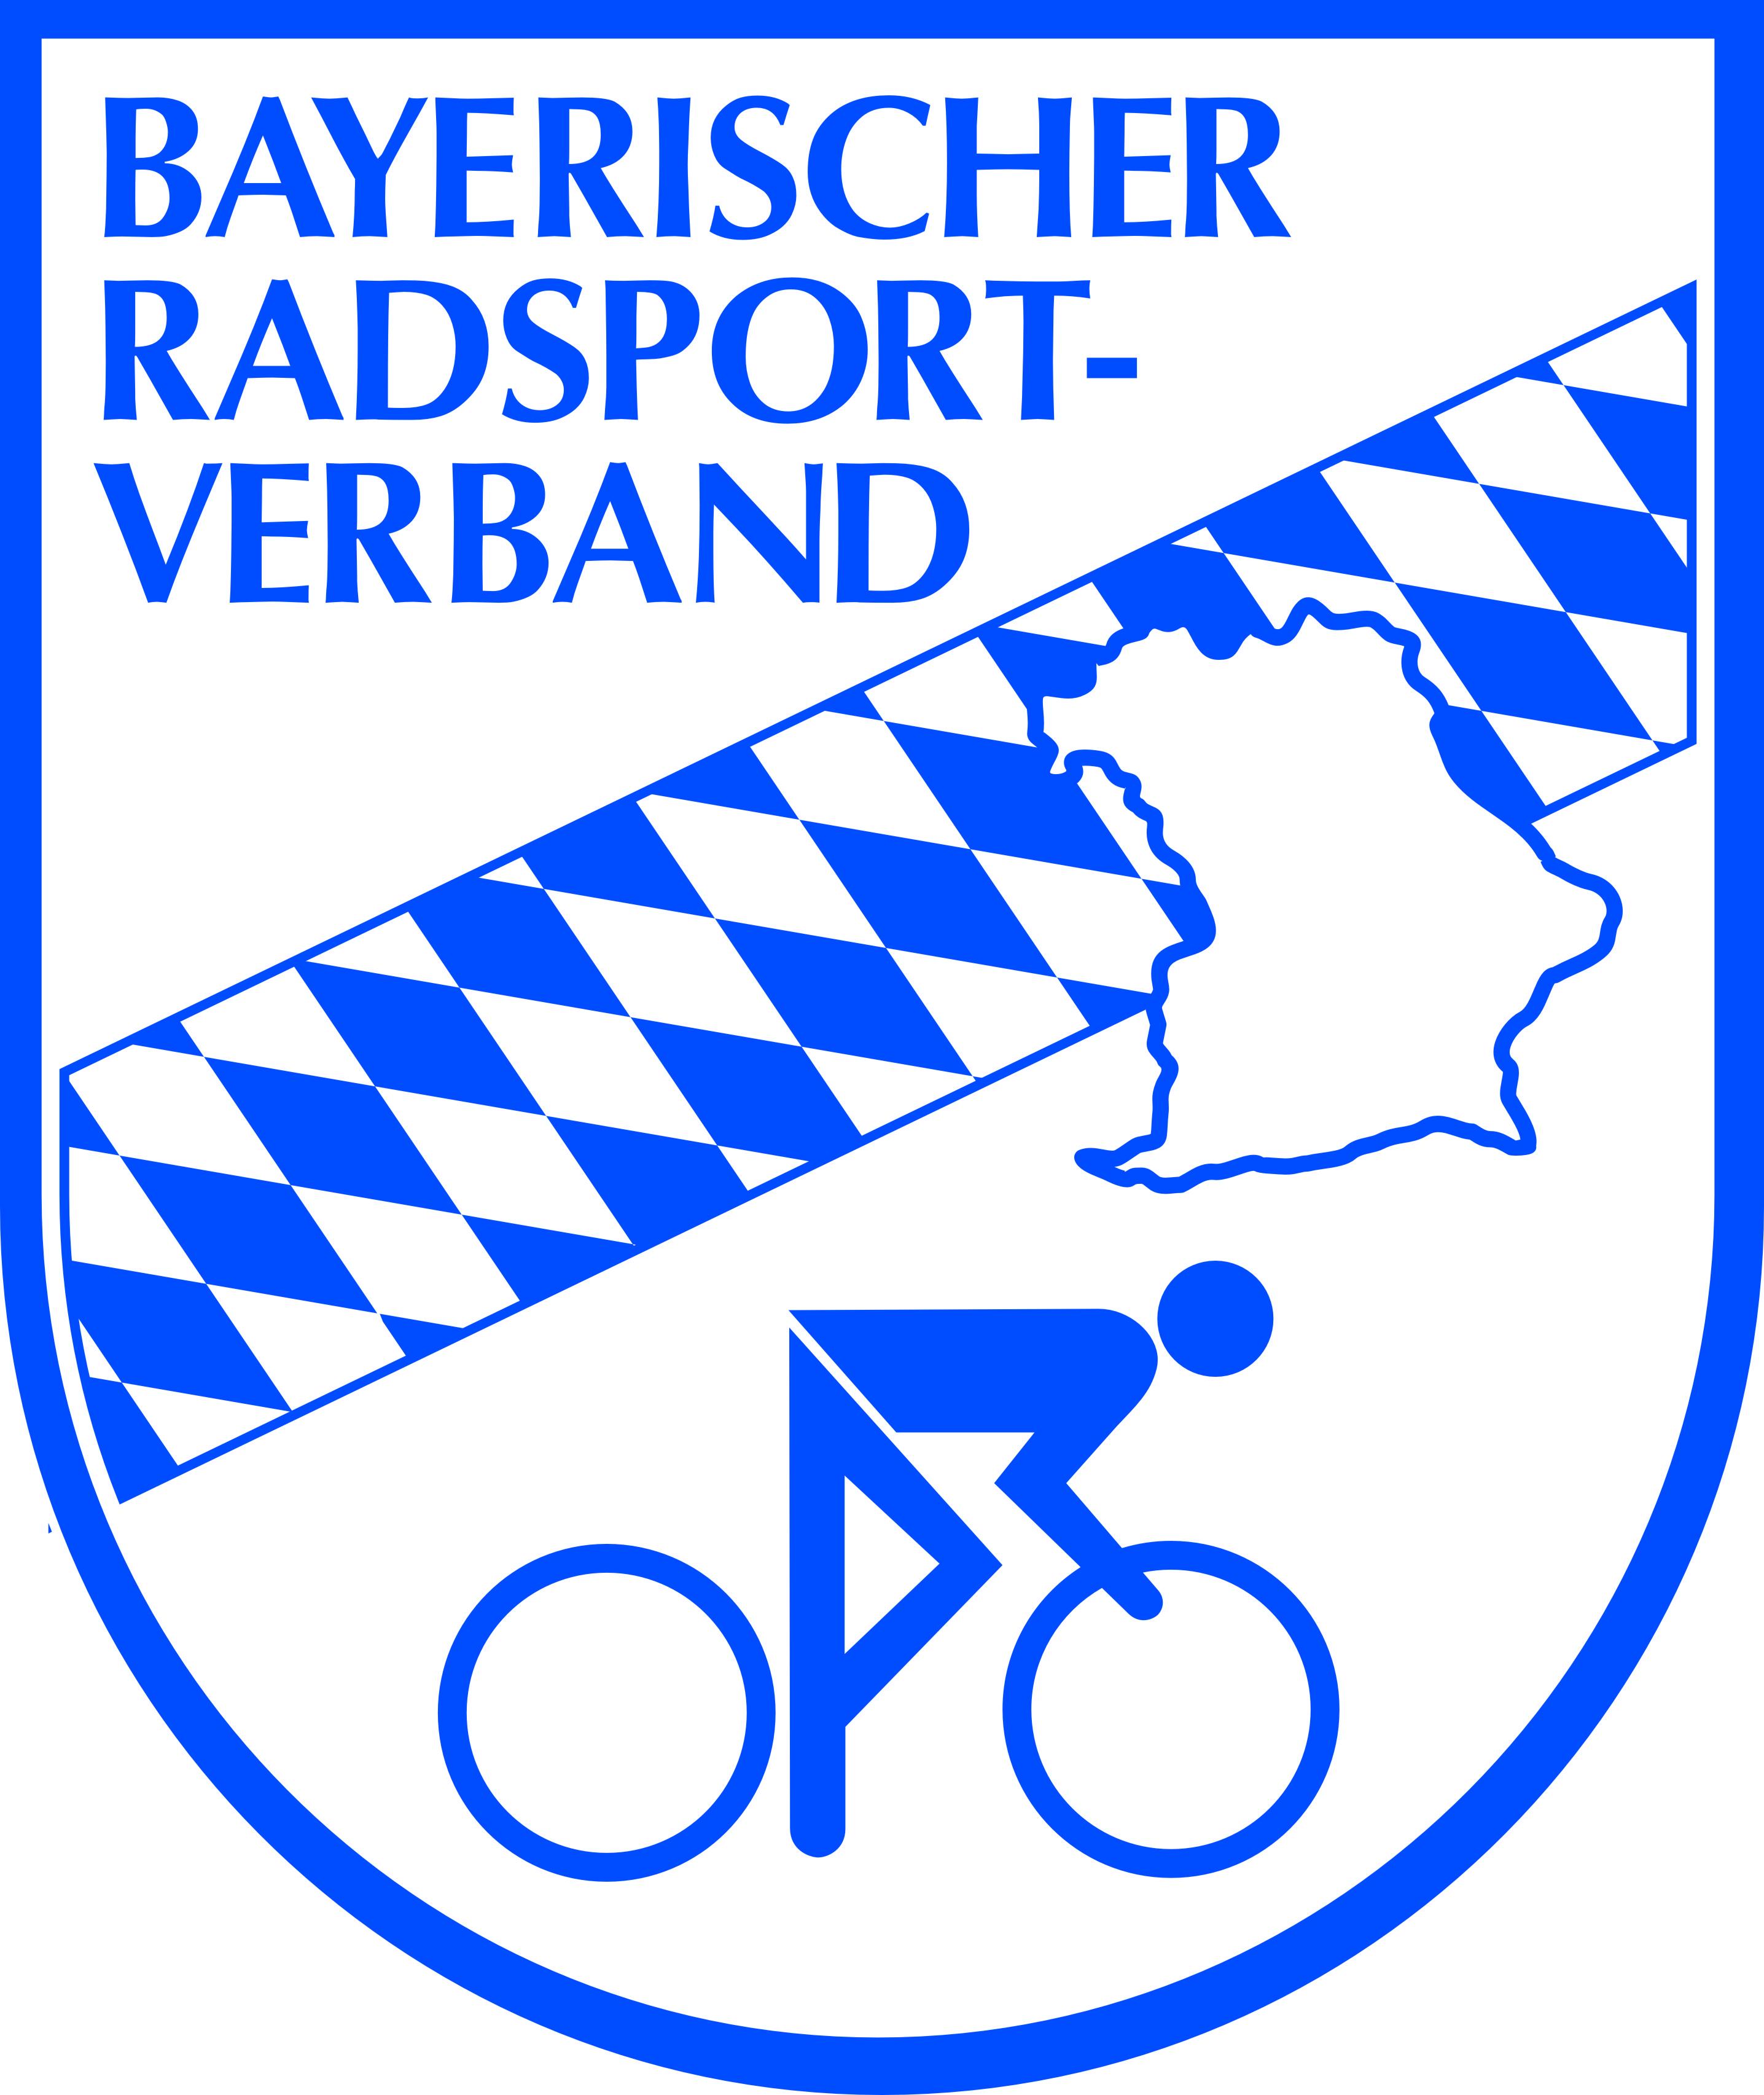 Bayerischer Radsport verband